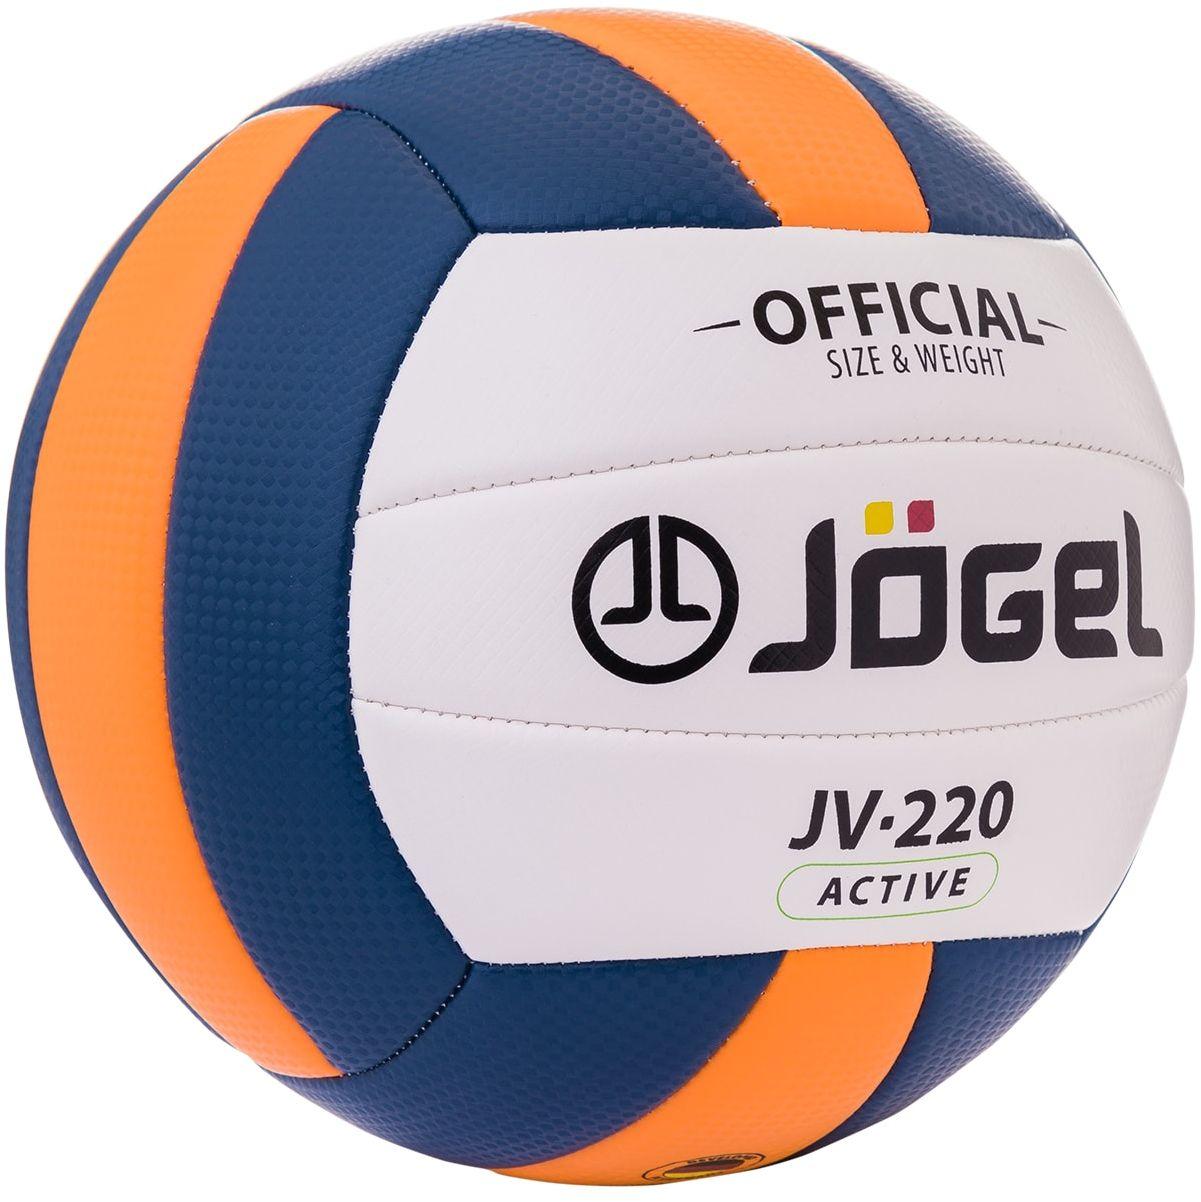 Мяч волейбольный Jоgel JV-220, цвет: синий, оранжевый. Размер 4 мячи спортивные jogel мяч волейбольный jogel jv 550